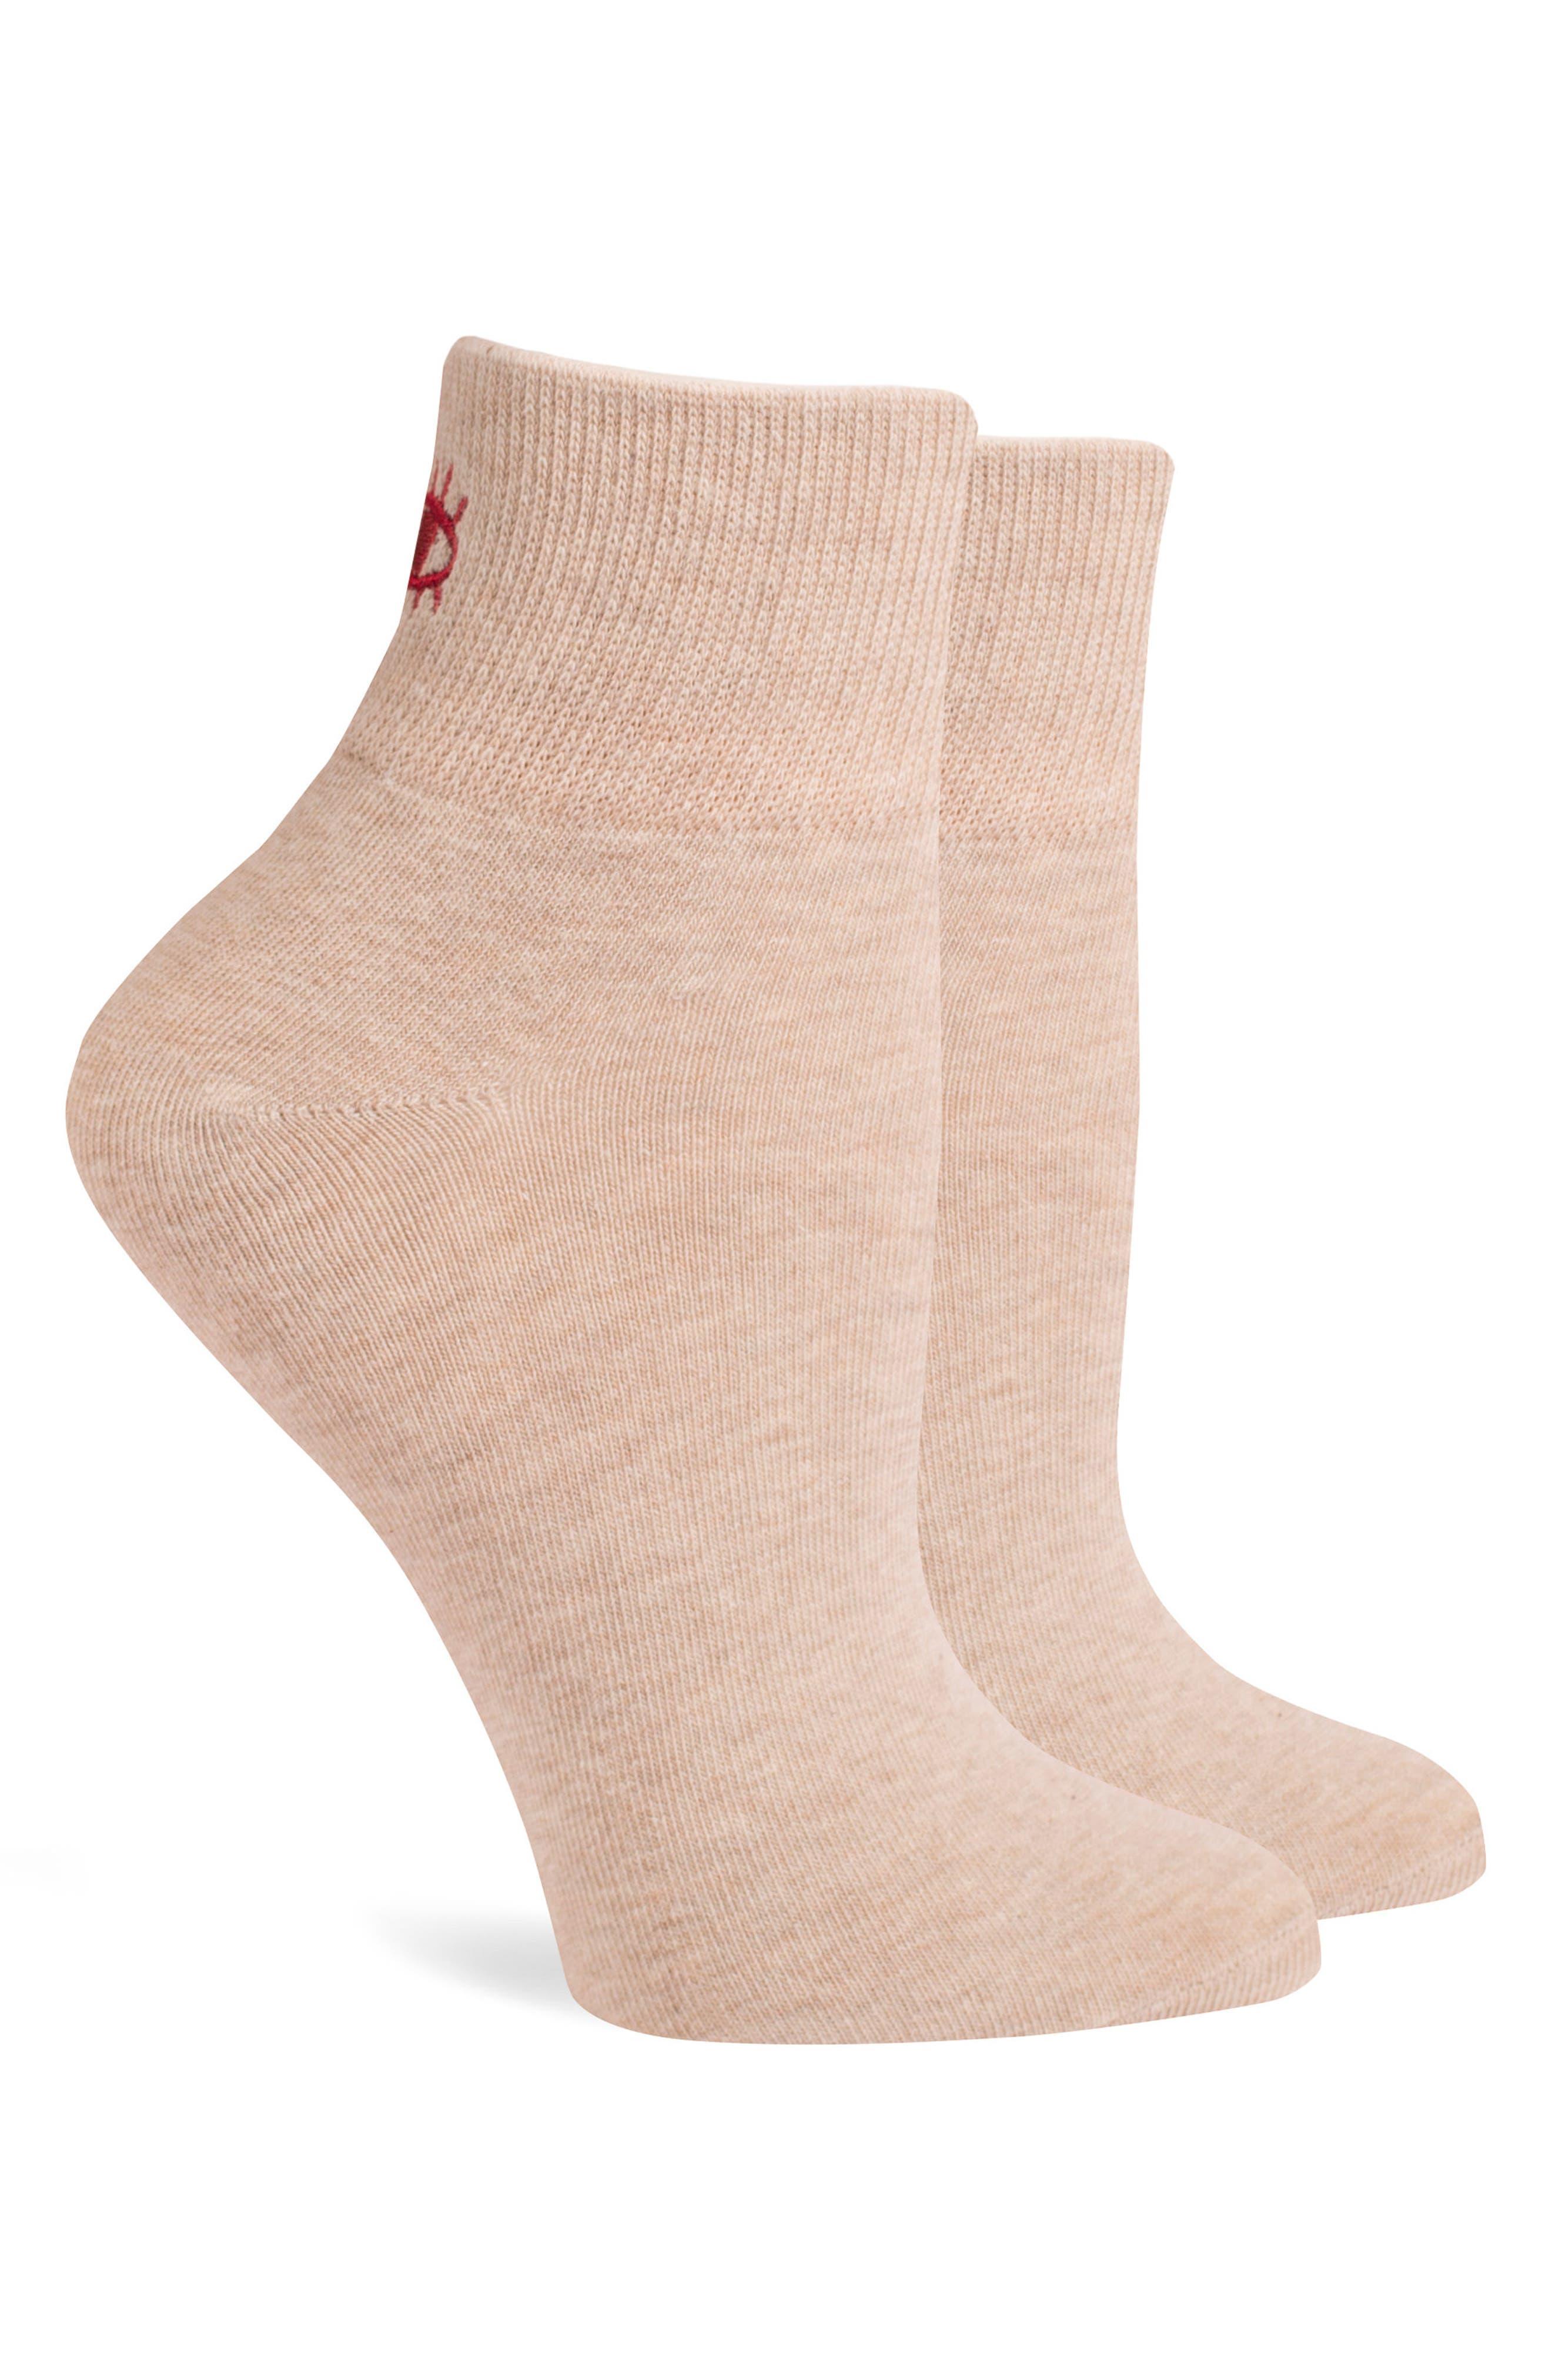 Blink Ankle Socks,                             Alternate thumbnail 4, color,